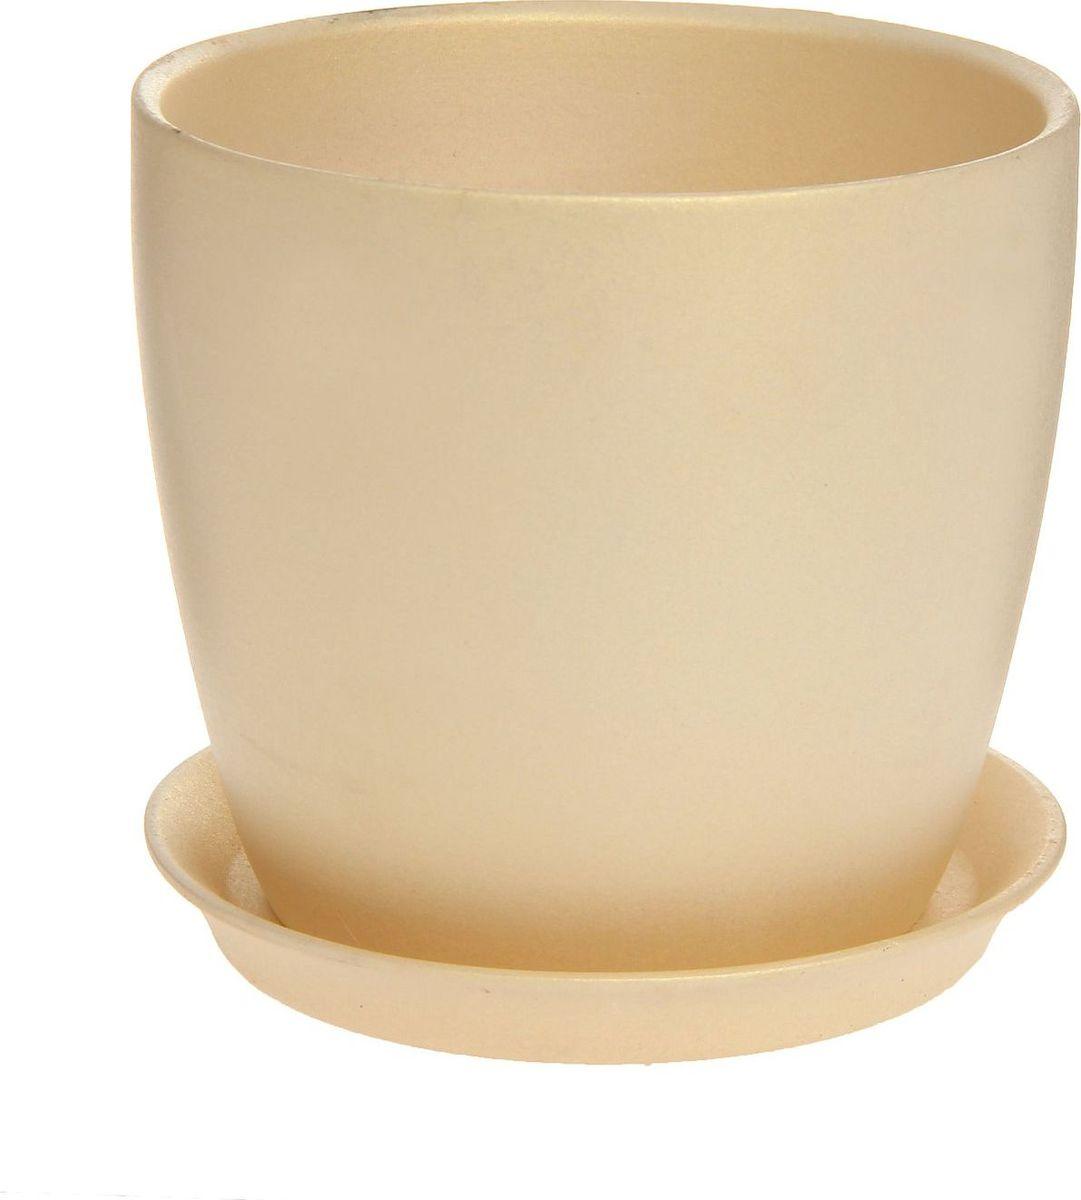 Кашпо Керамика ручной работы Осень. Перламутр, цвет: перламутровый, 2 л1170536Комнатные растения - всеобщие любимцы. Они радуют глаз, насыщают помещение кислородом и украшают пространство. Каждому из них необходим свой удобный и красивый дом.Кашпо из керамики прекрасно подходит для высадки растений:за счёт пластичности глины и разных способов обработки существует великое множество форм и дизайнов; пористый материал позволяет испаряться лишней влаге; воздух, необходимый для дыхания корней, проникает сквозь керамические стенки.Кашпо для цветов освежит интерьер и подчеркнёт его стиль.